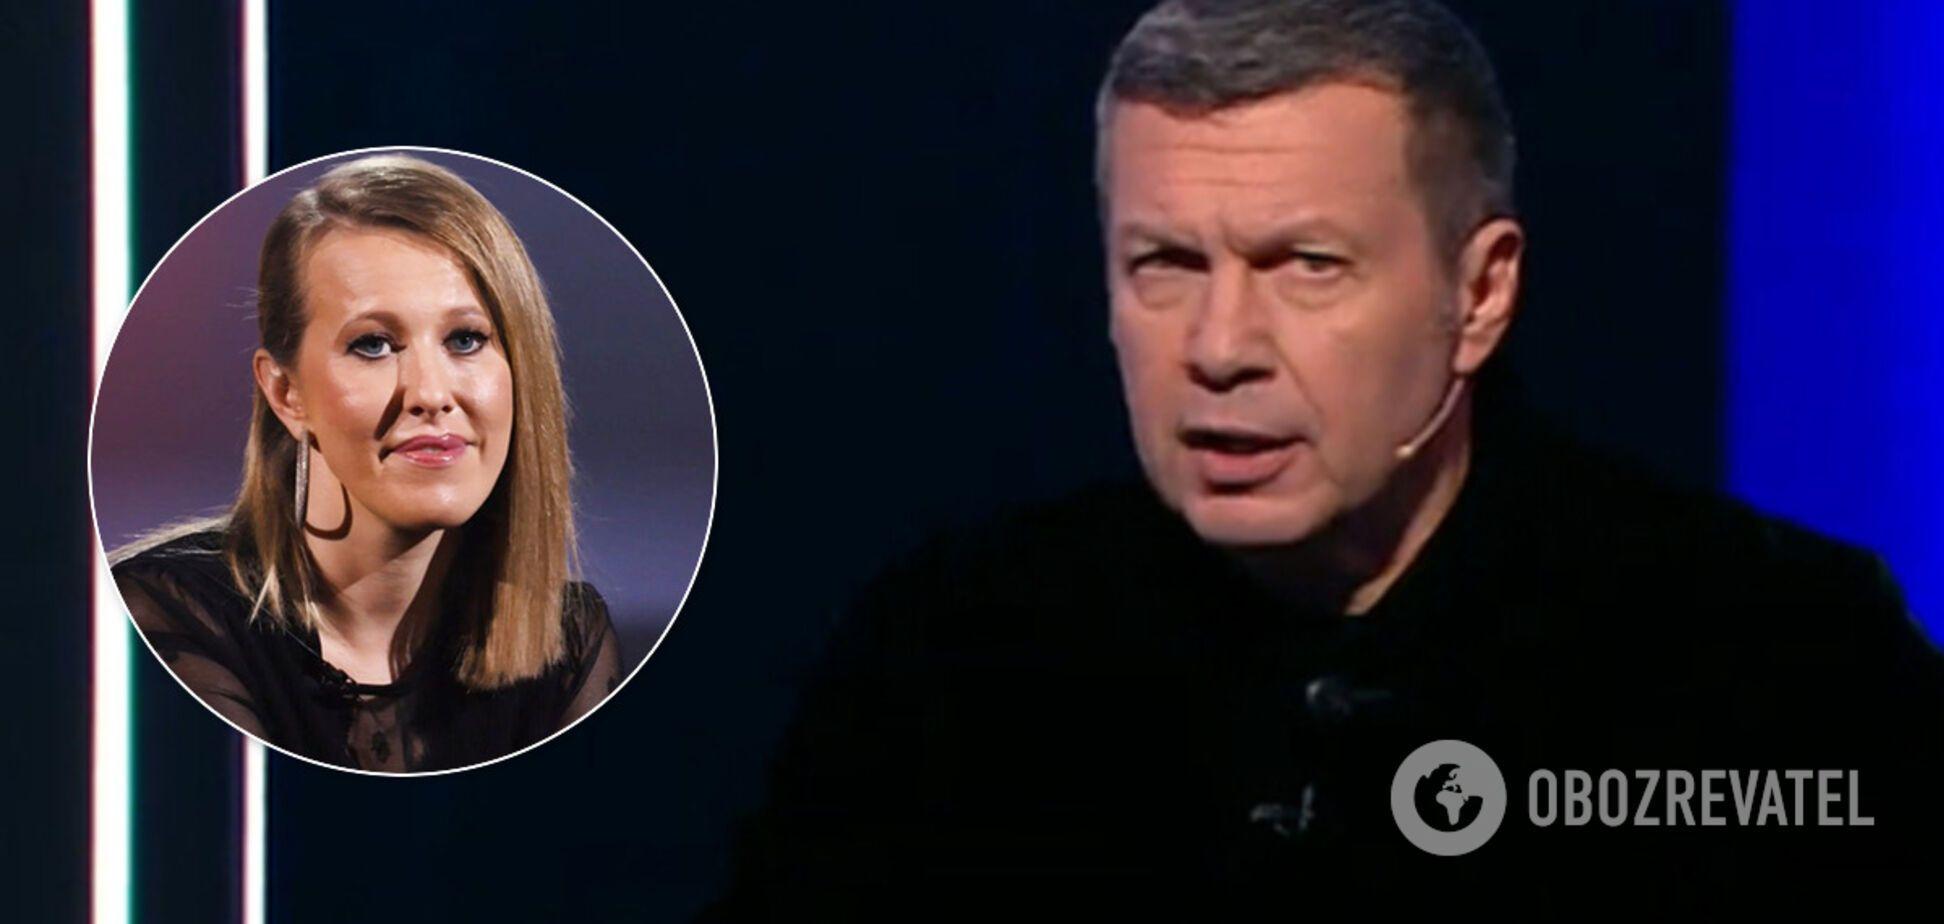 'Боюся, що її вб'ють': Соловйов зробив дивну заяву про Собчак